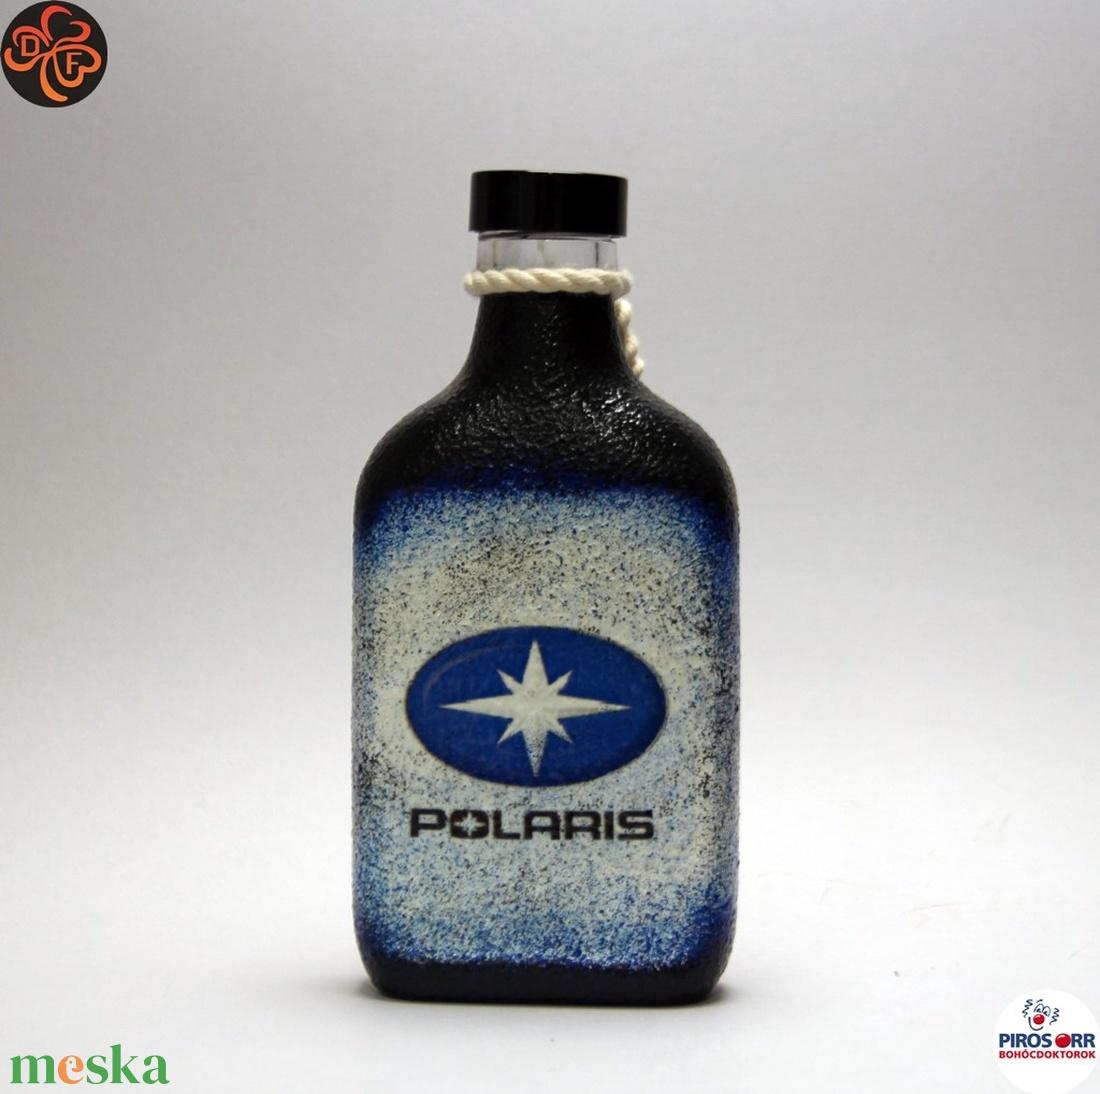 POLARIS italos üveg ; Saját quadod fényképével is! (decorfantasy) - Meska.hu